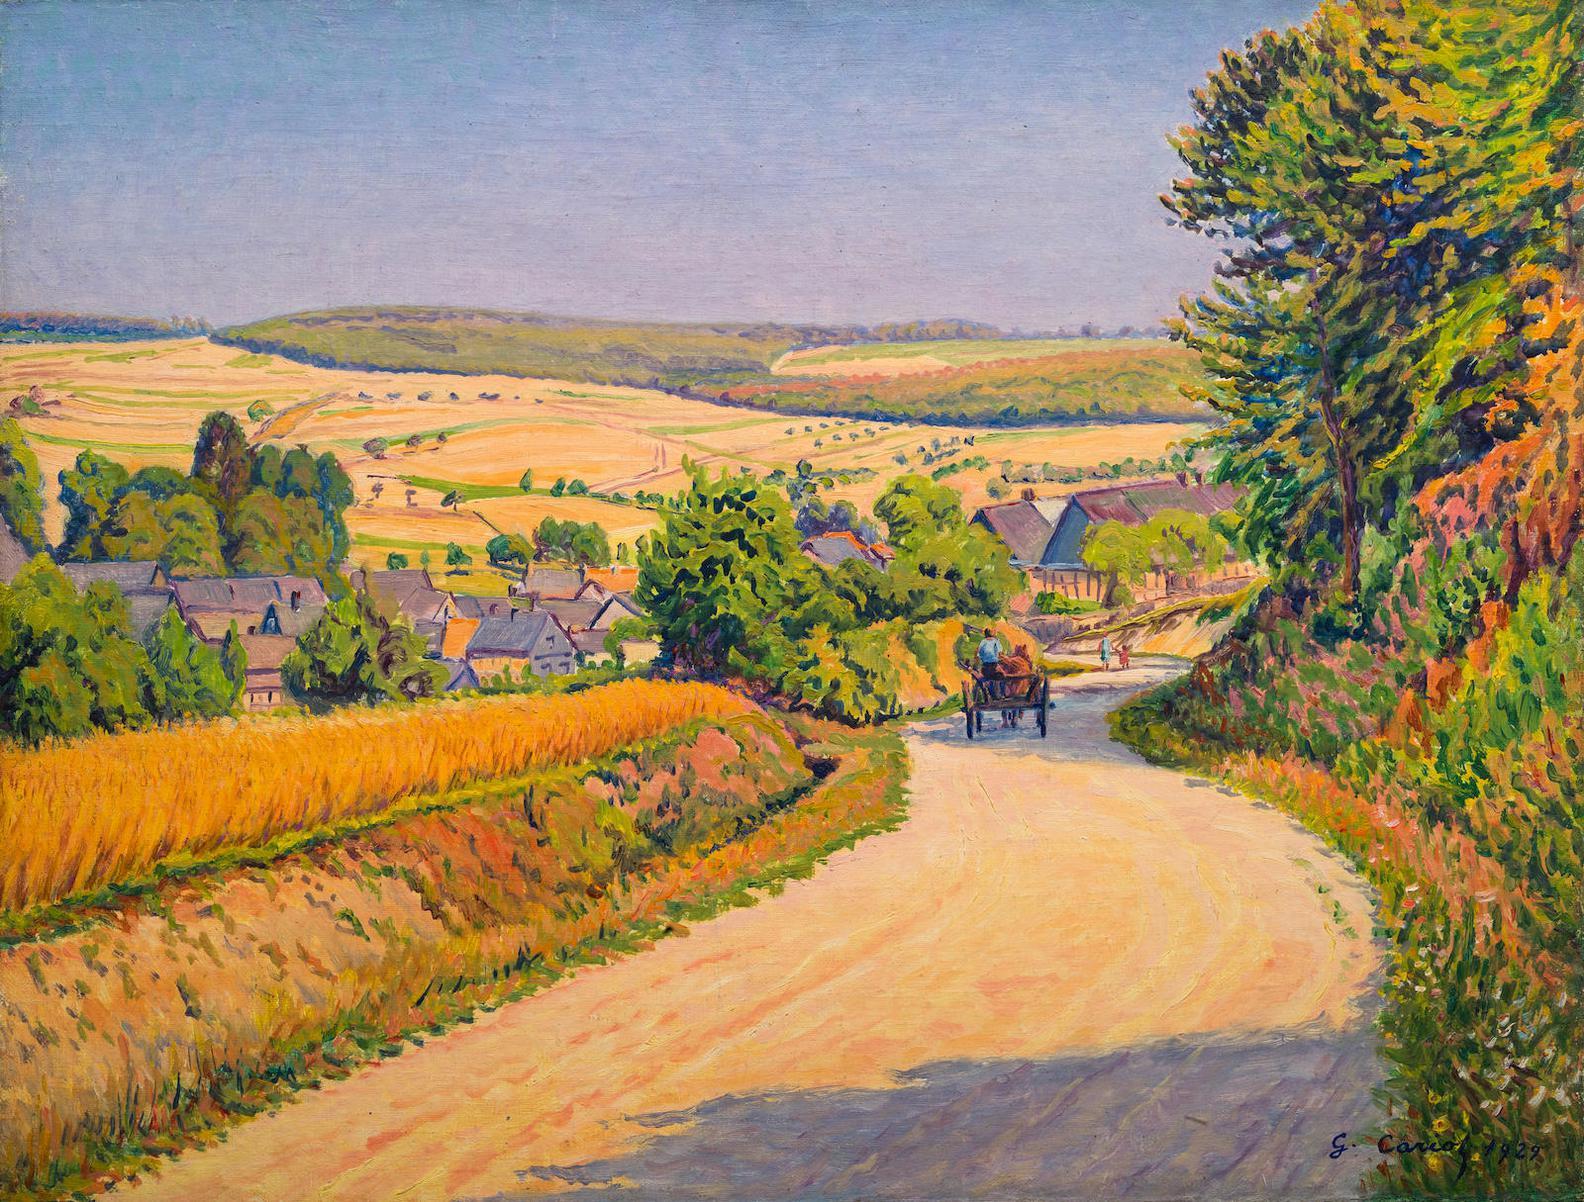 Gustave Cariot-Charrette Sur Le Chemin Fleuri-1929